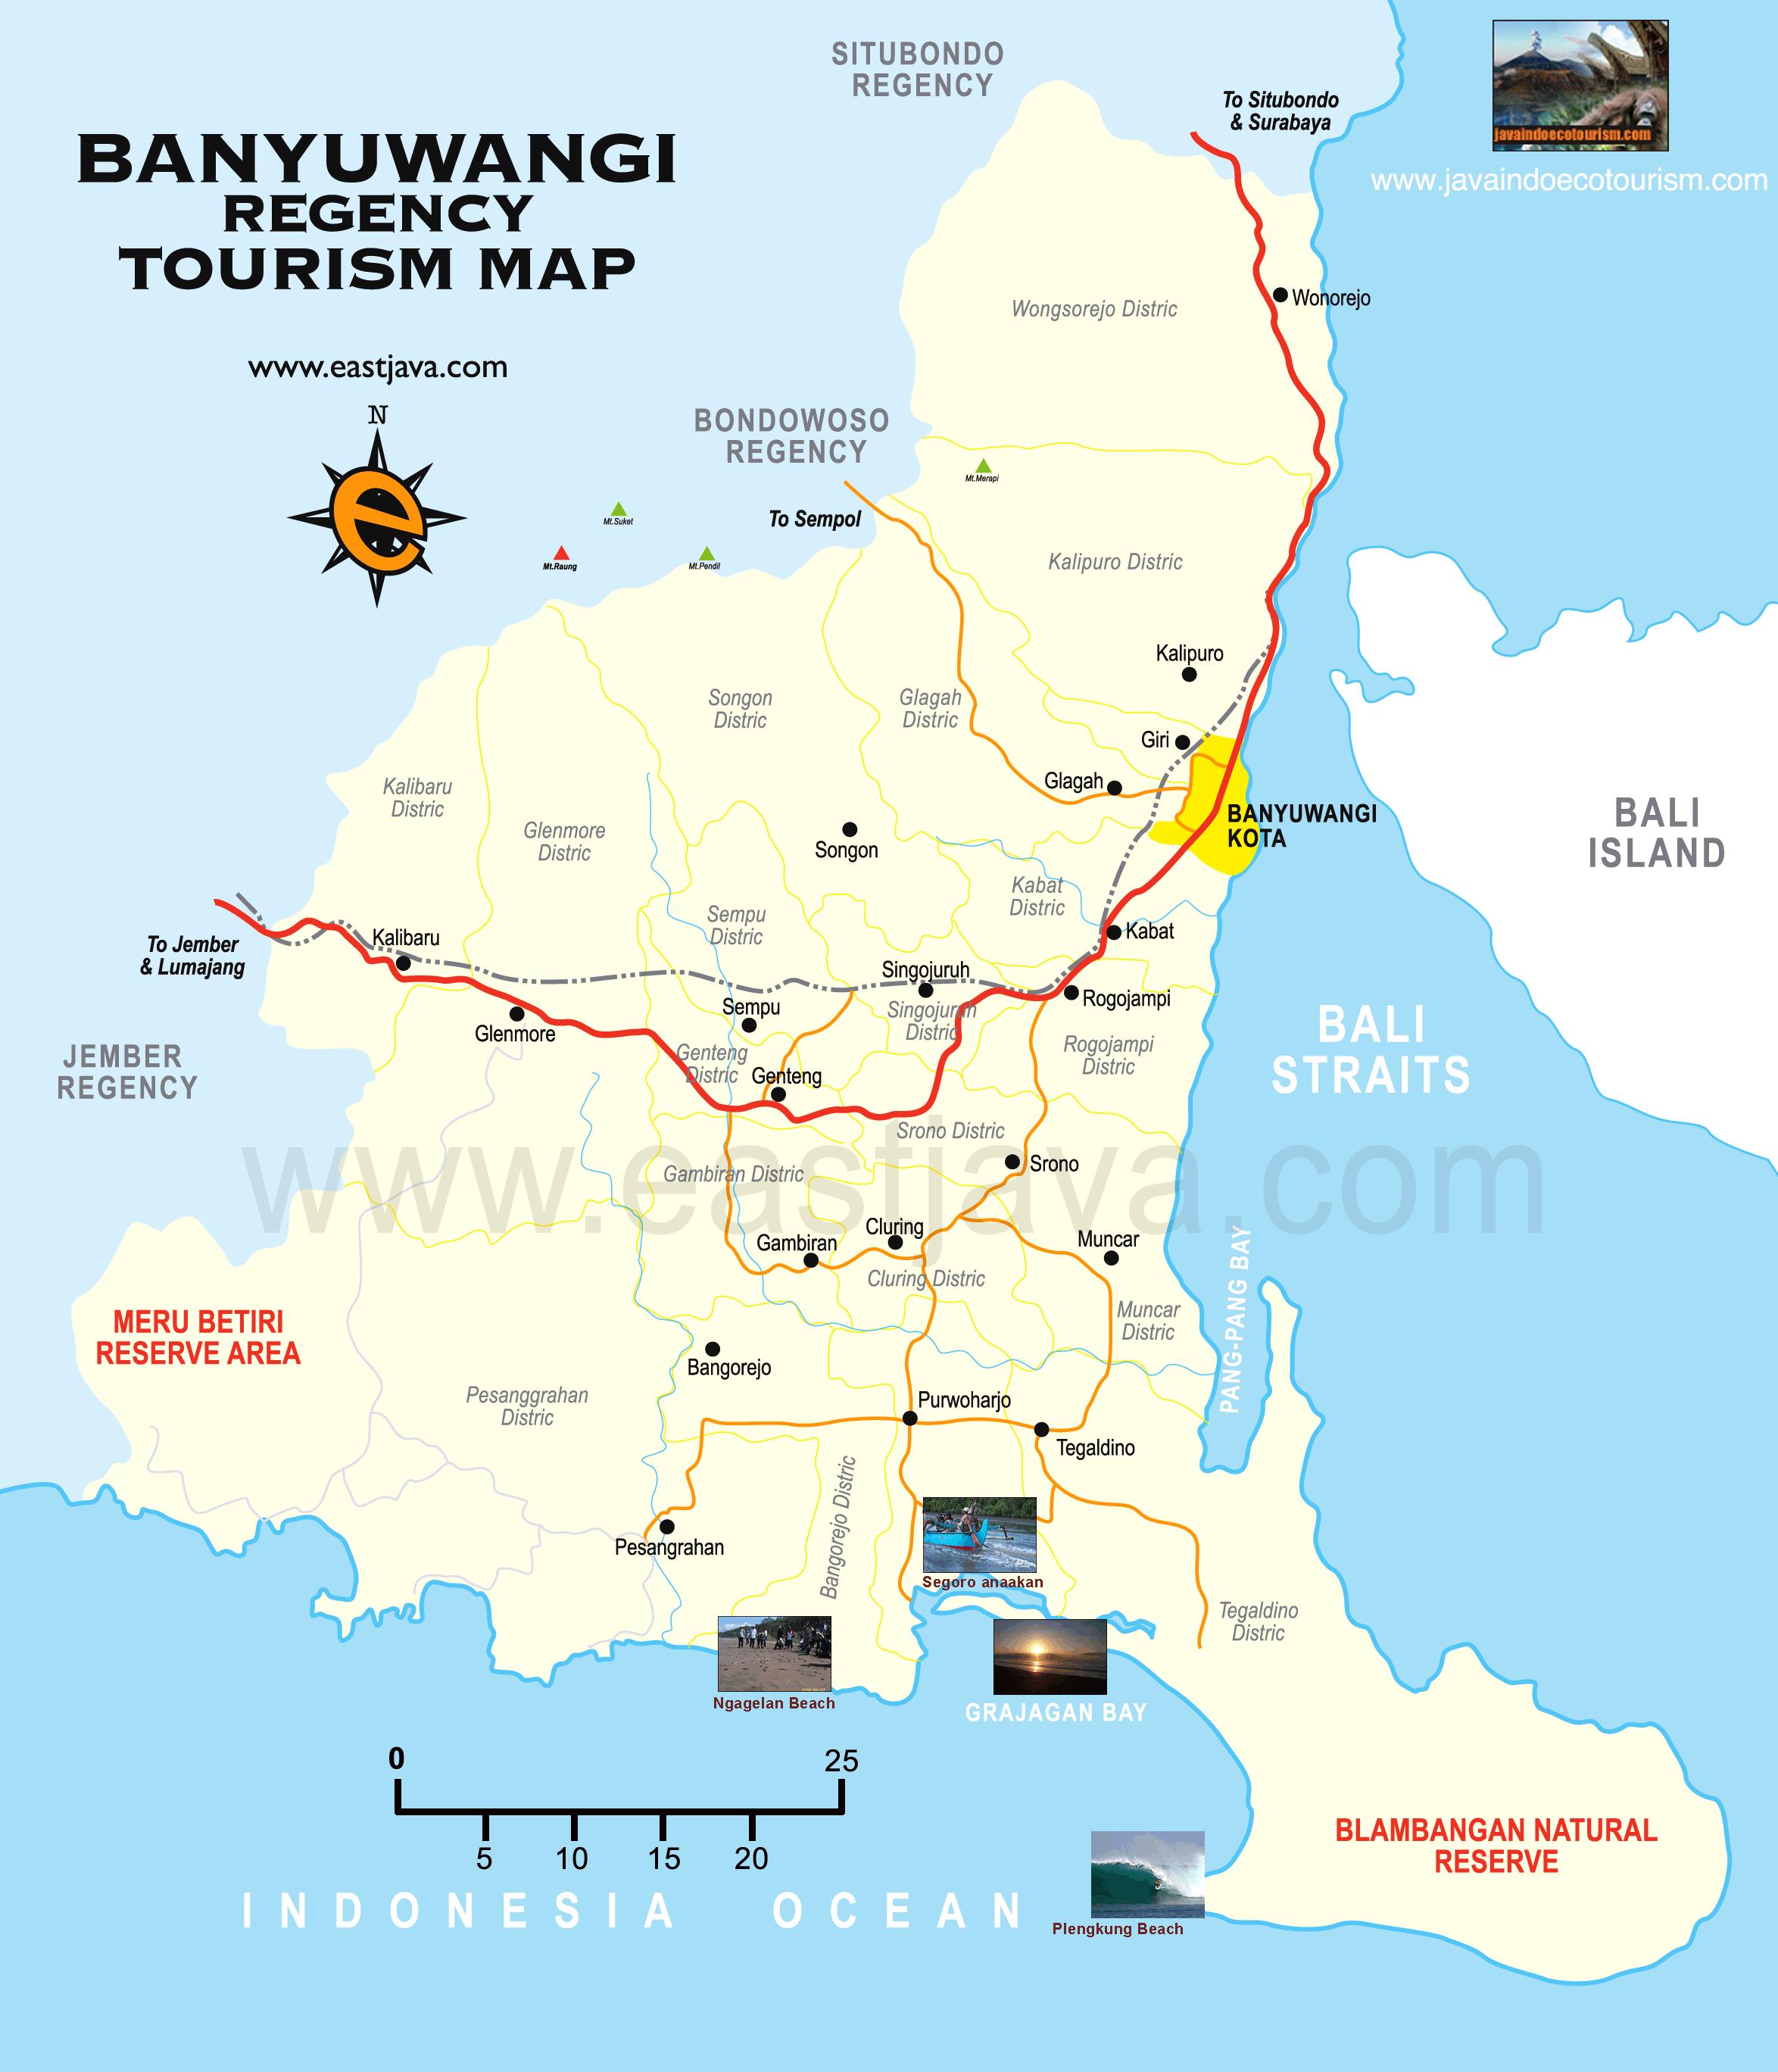 banyuwangi tourism map  map of banyuwangi east java - banyuwangi tourism map